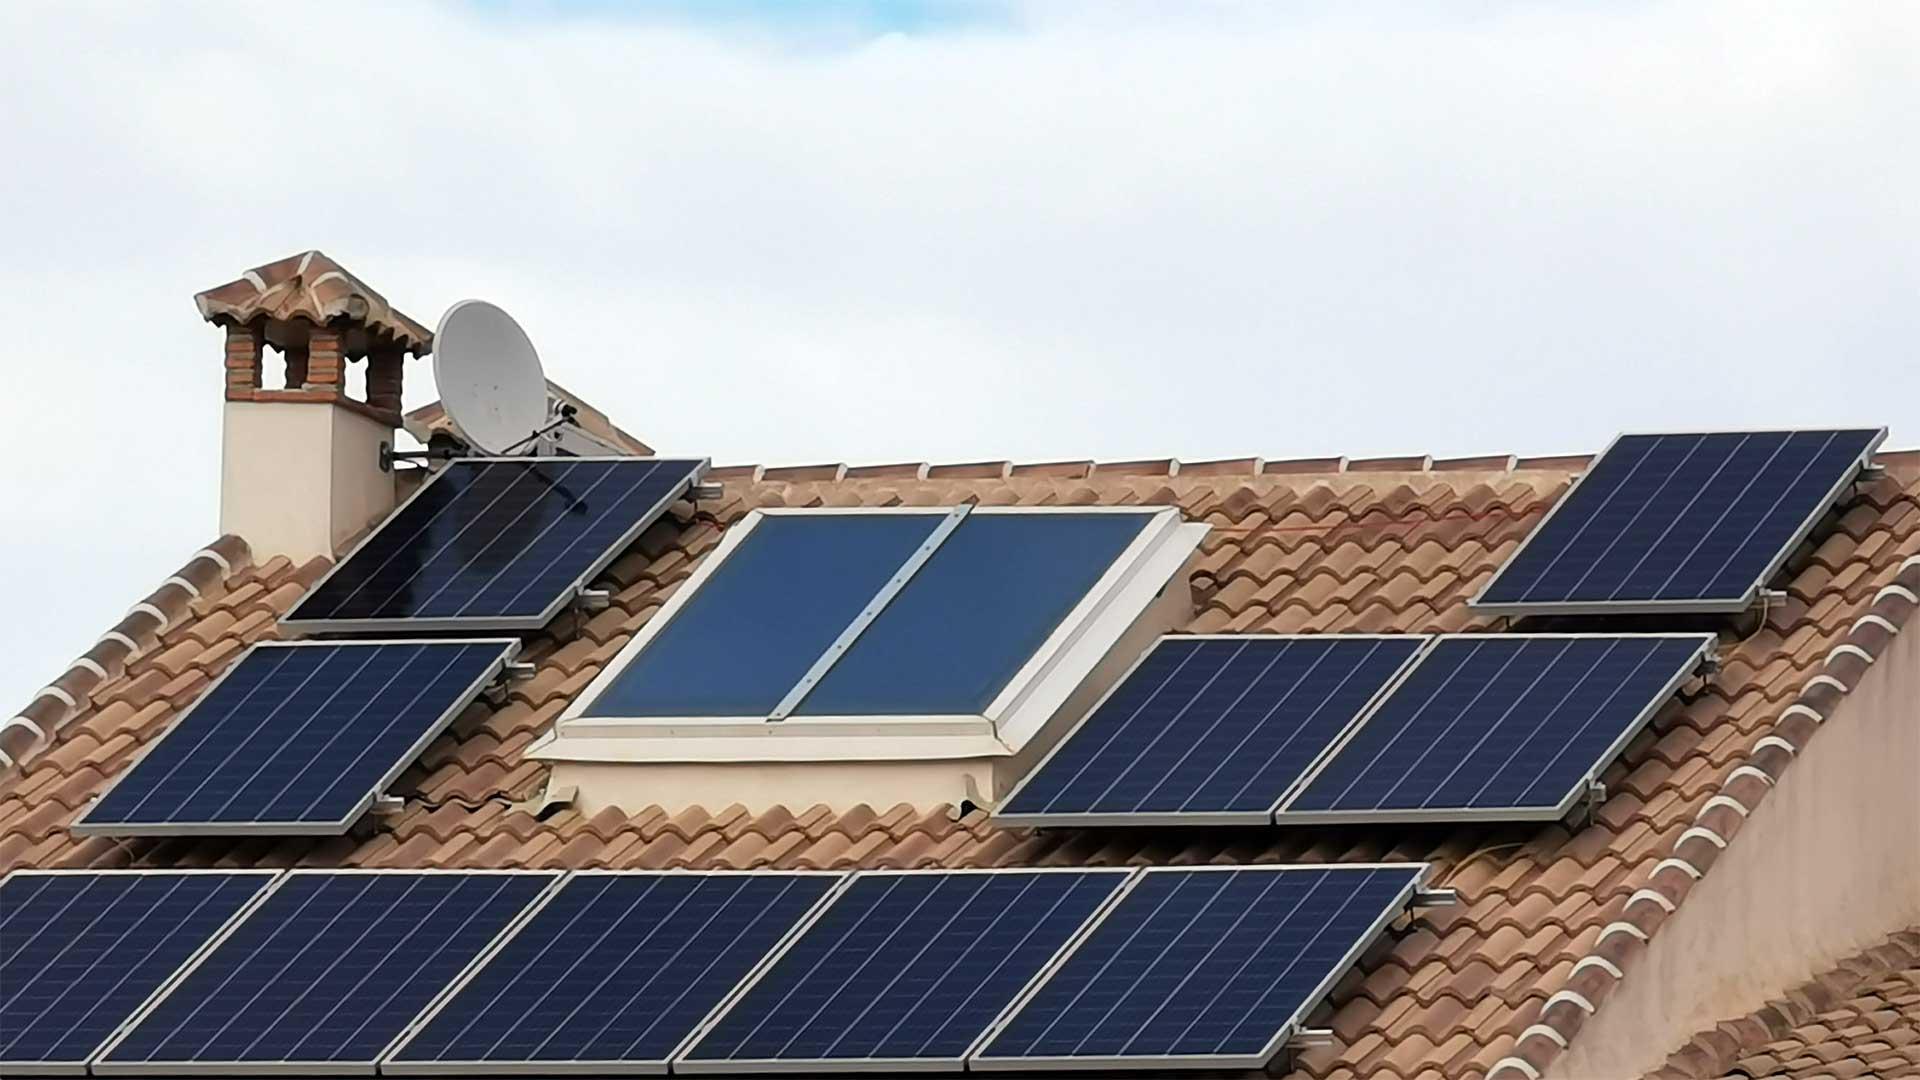 Instalación de autoconsumo de energía solar fotovoltaica en vivienda unifamiliar de Torredonjimeno (Jaén)